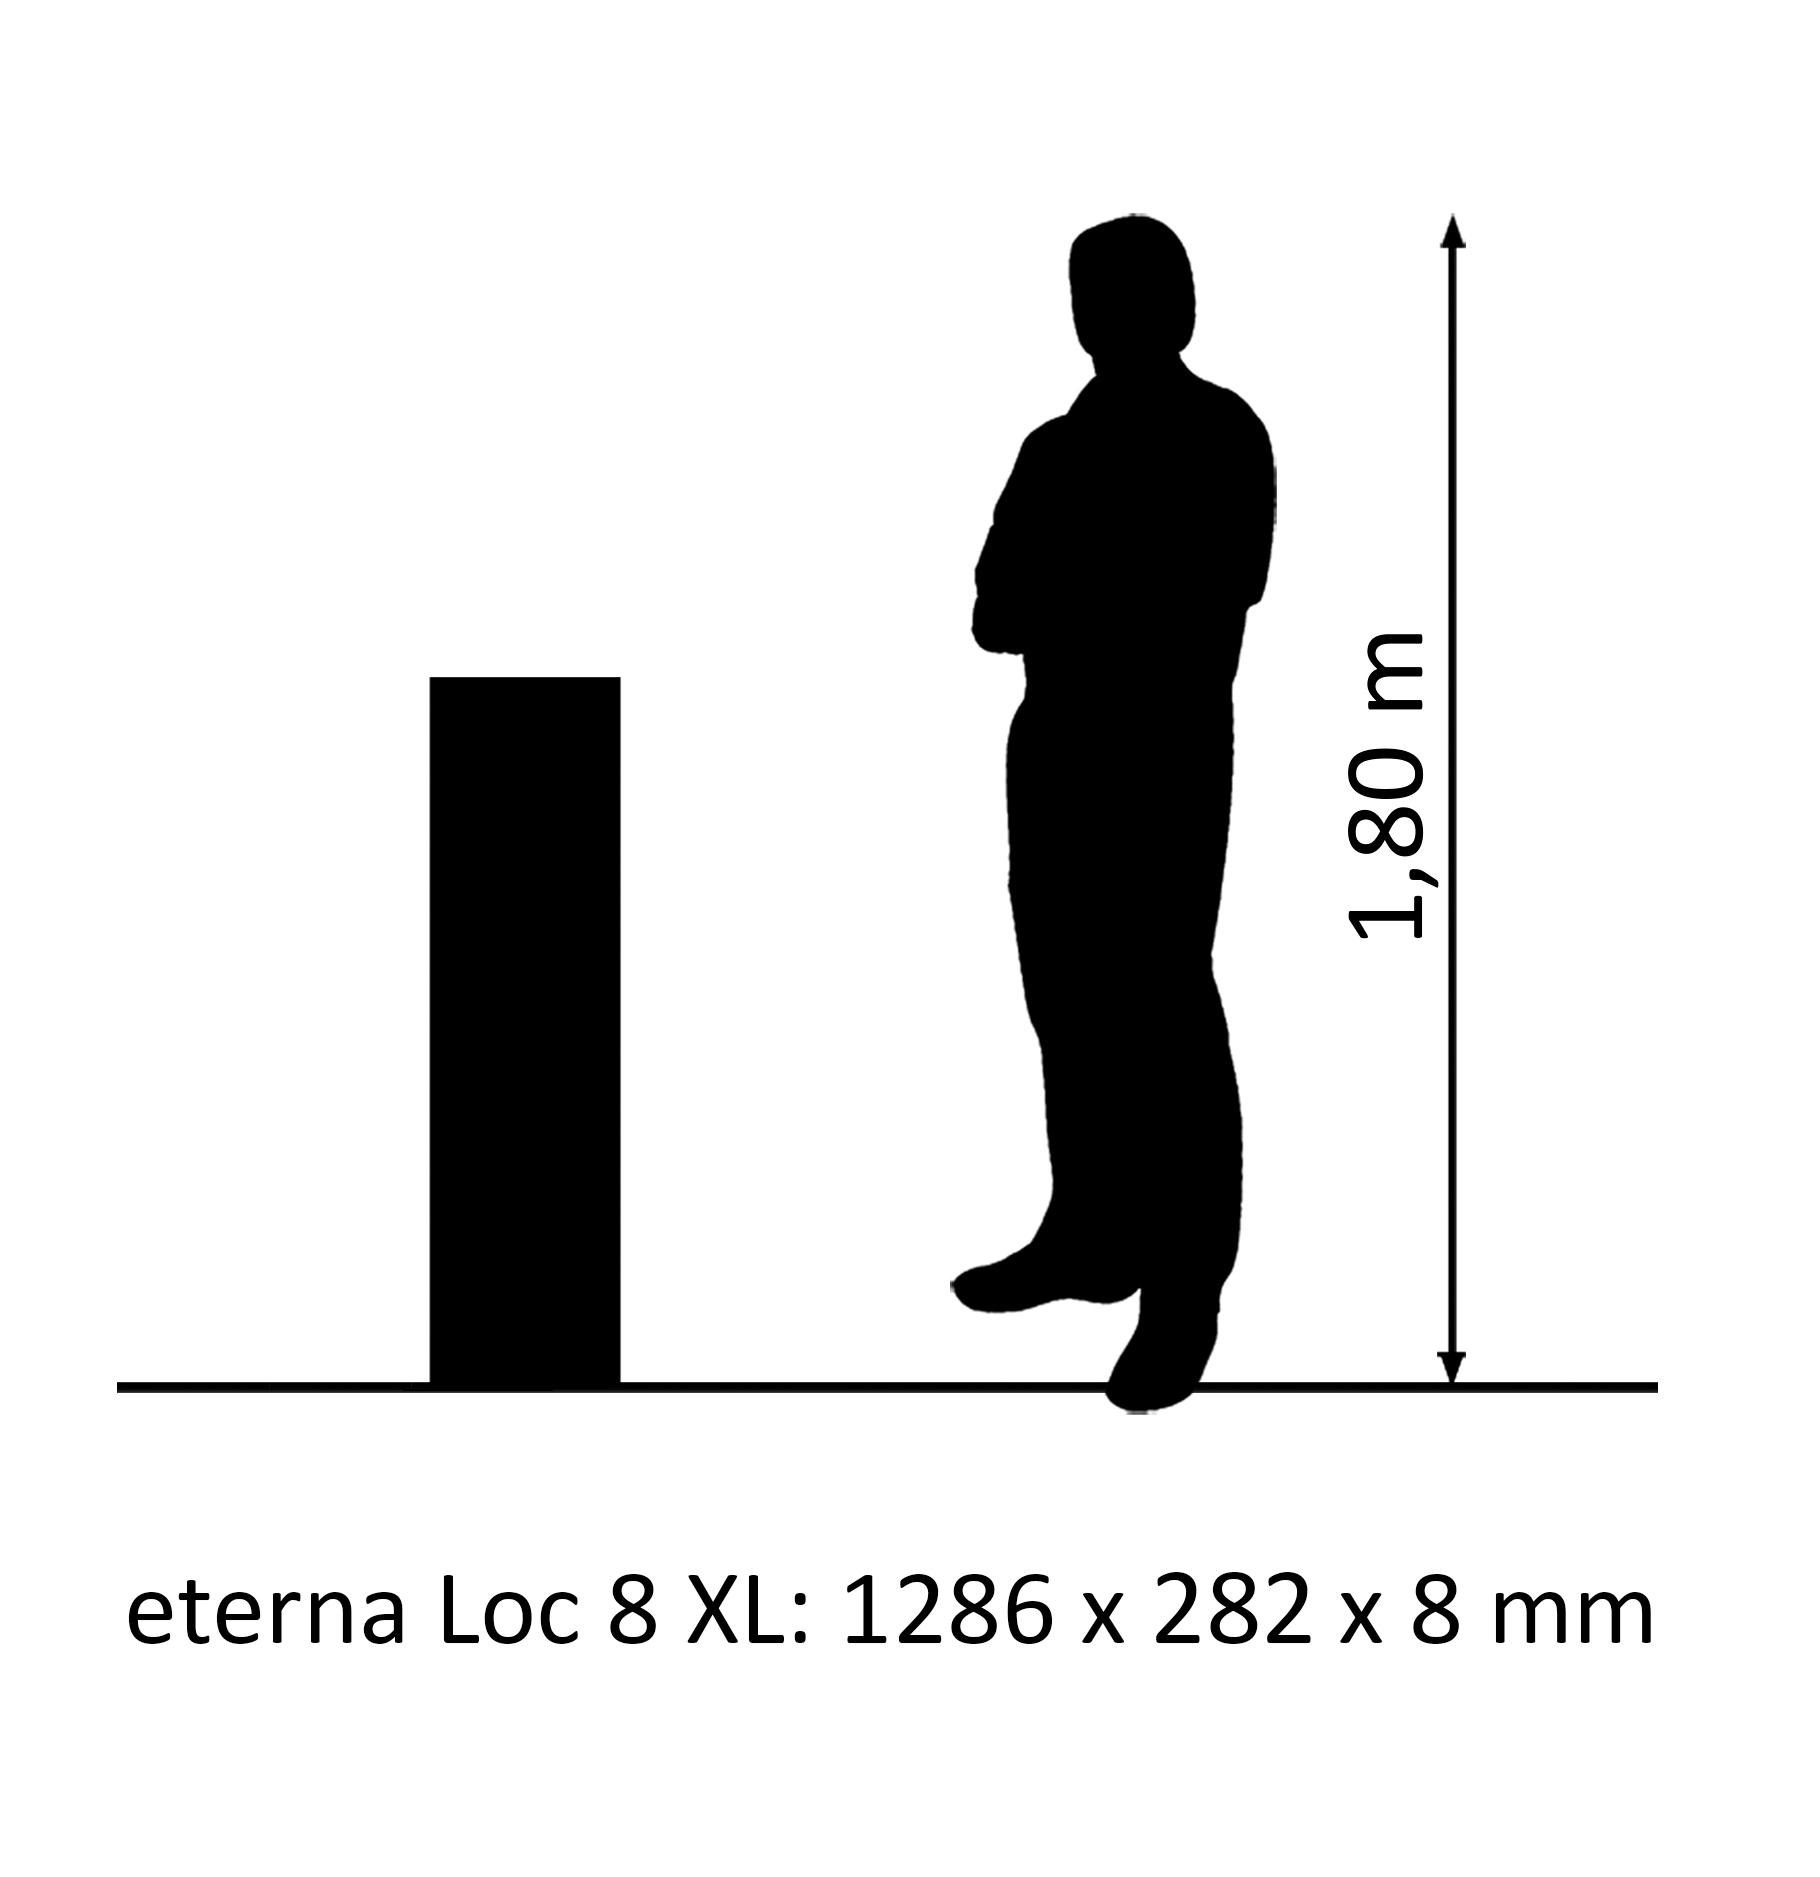 eterna Loc 8 XL oak muskat